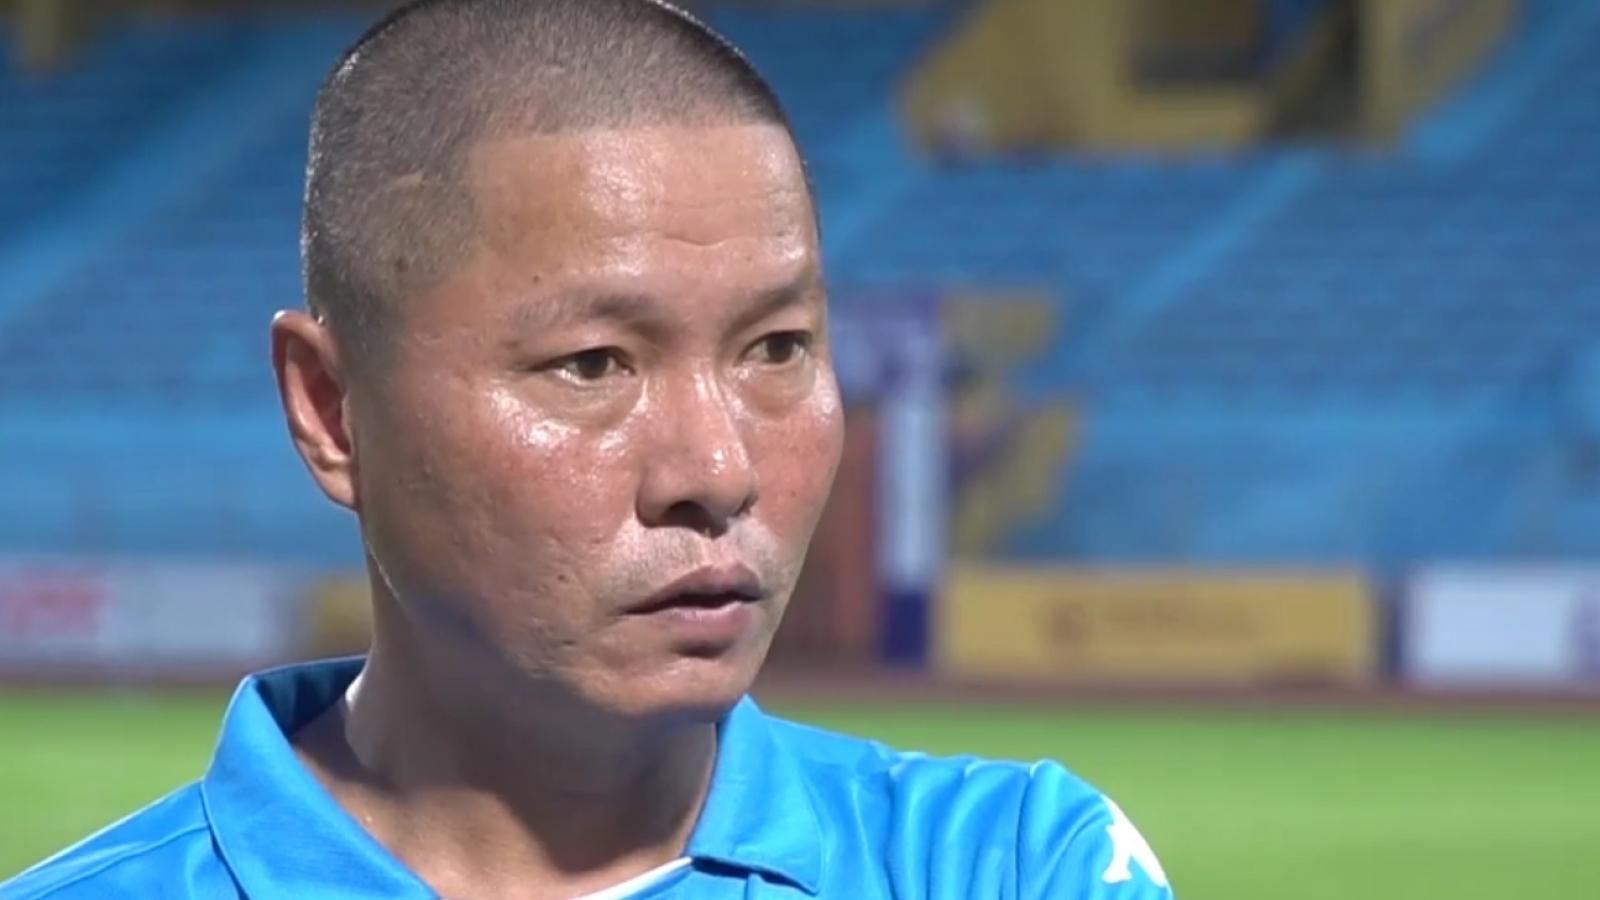 HLV Chu Đình Nghiêm nói gì trước trận đại chiến với CLB TPHCM?